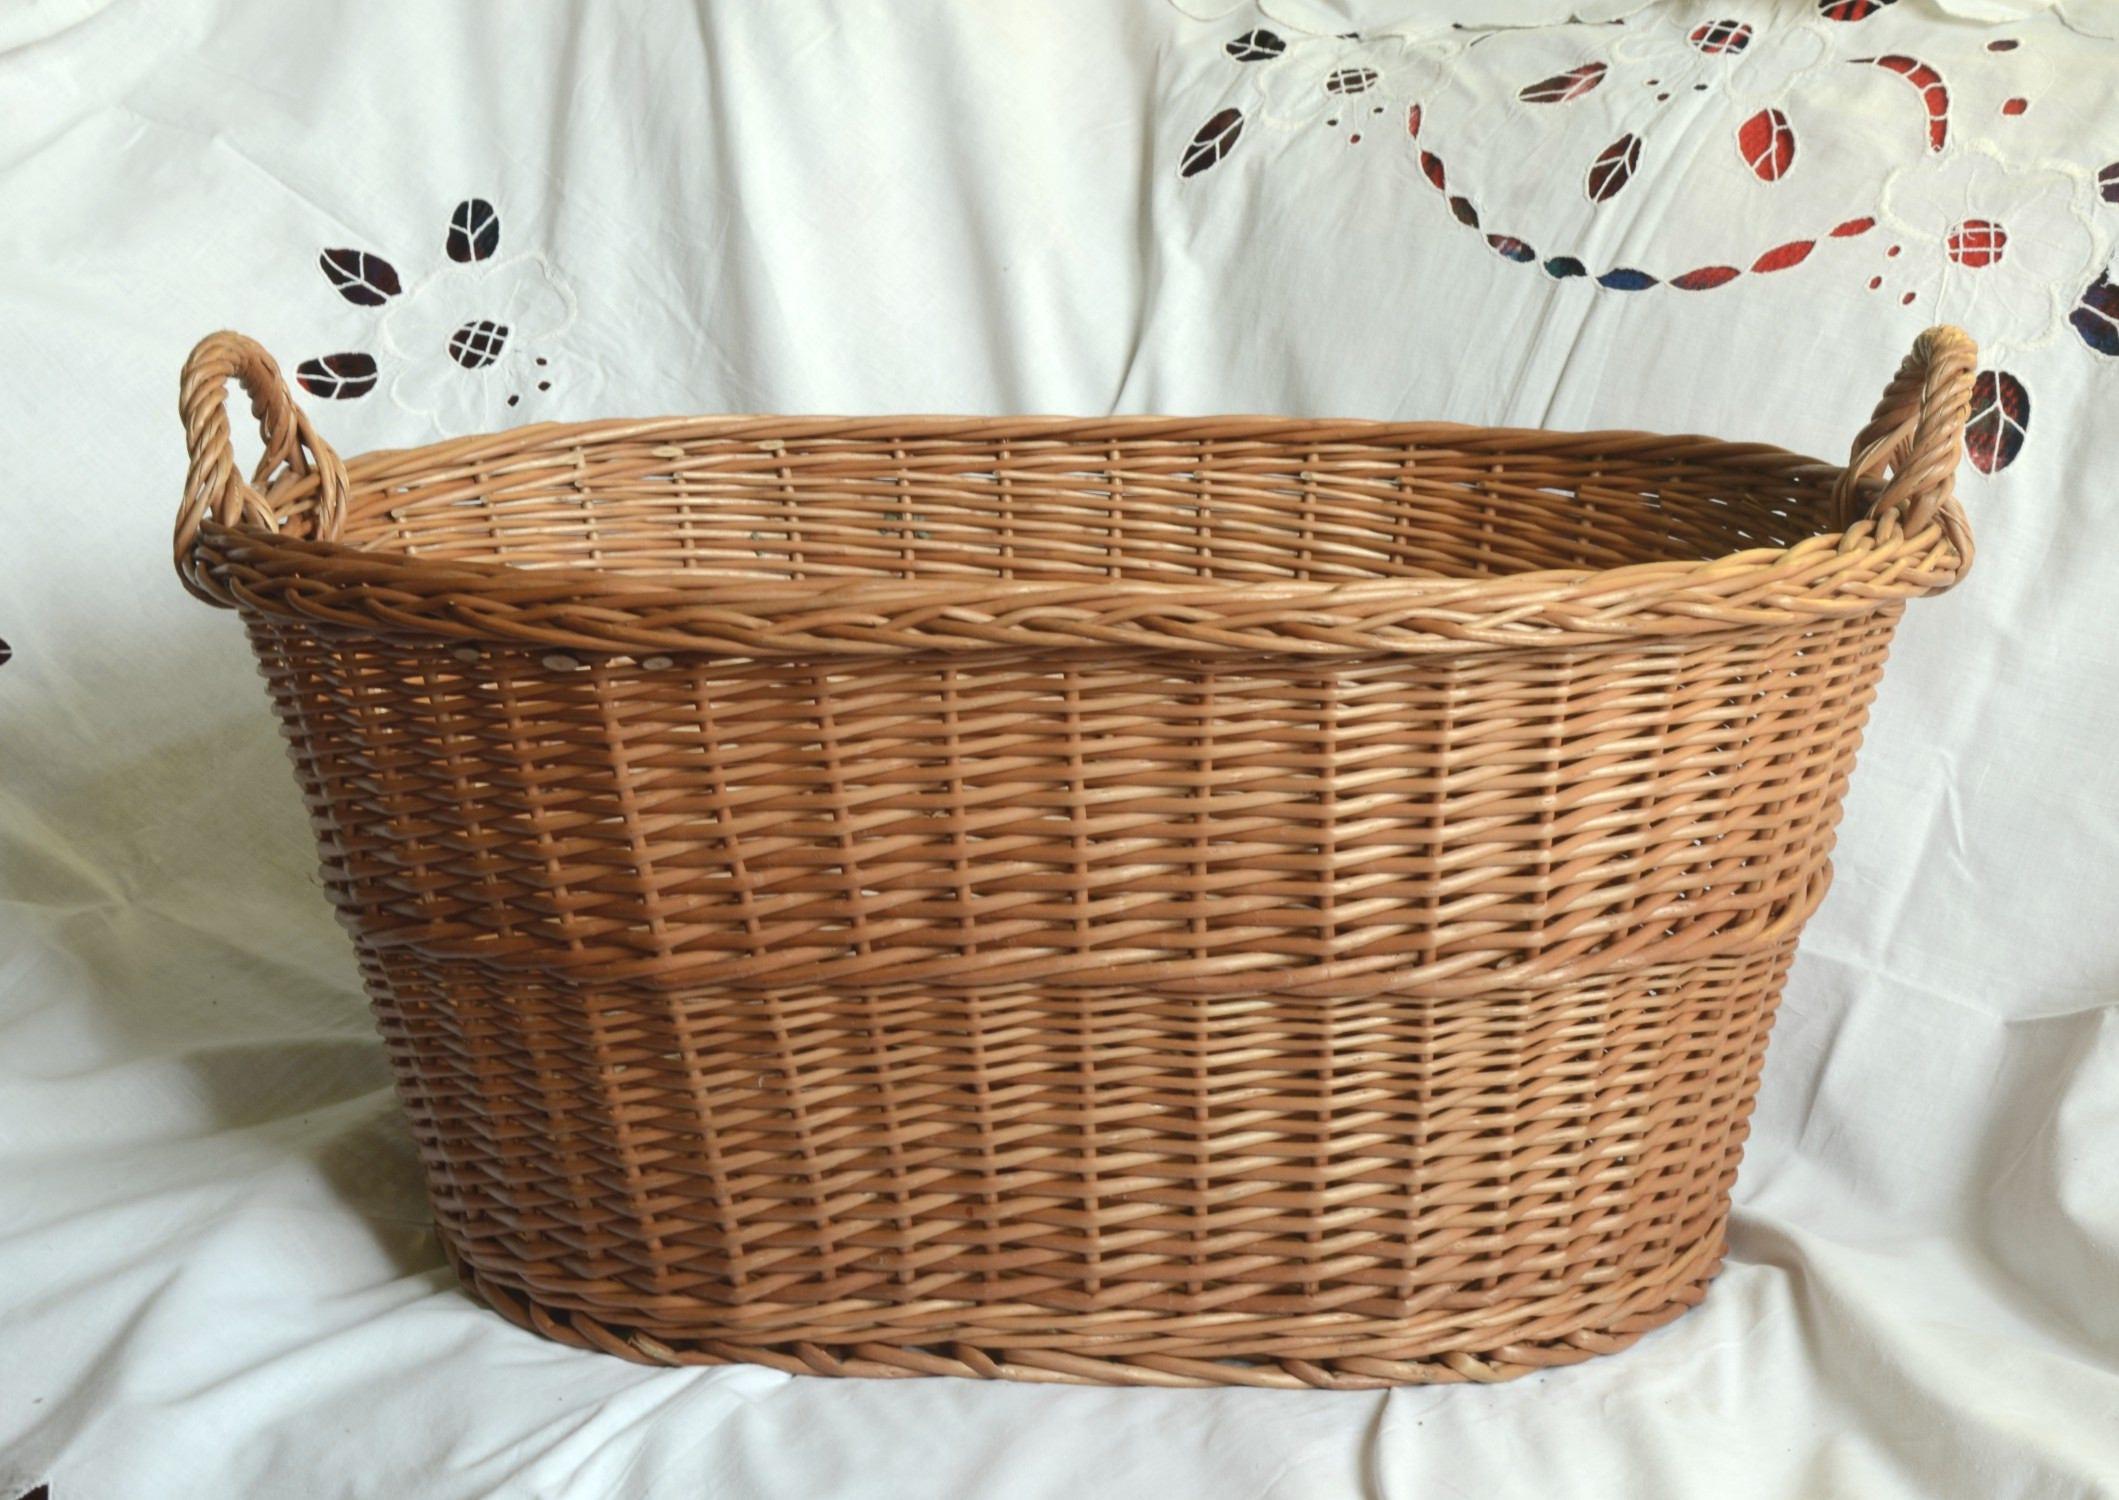 Large Wicker Laundry Basket Big Laundry Basket Handled Oval